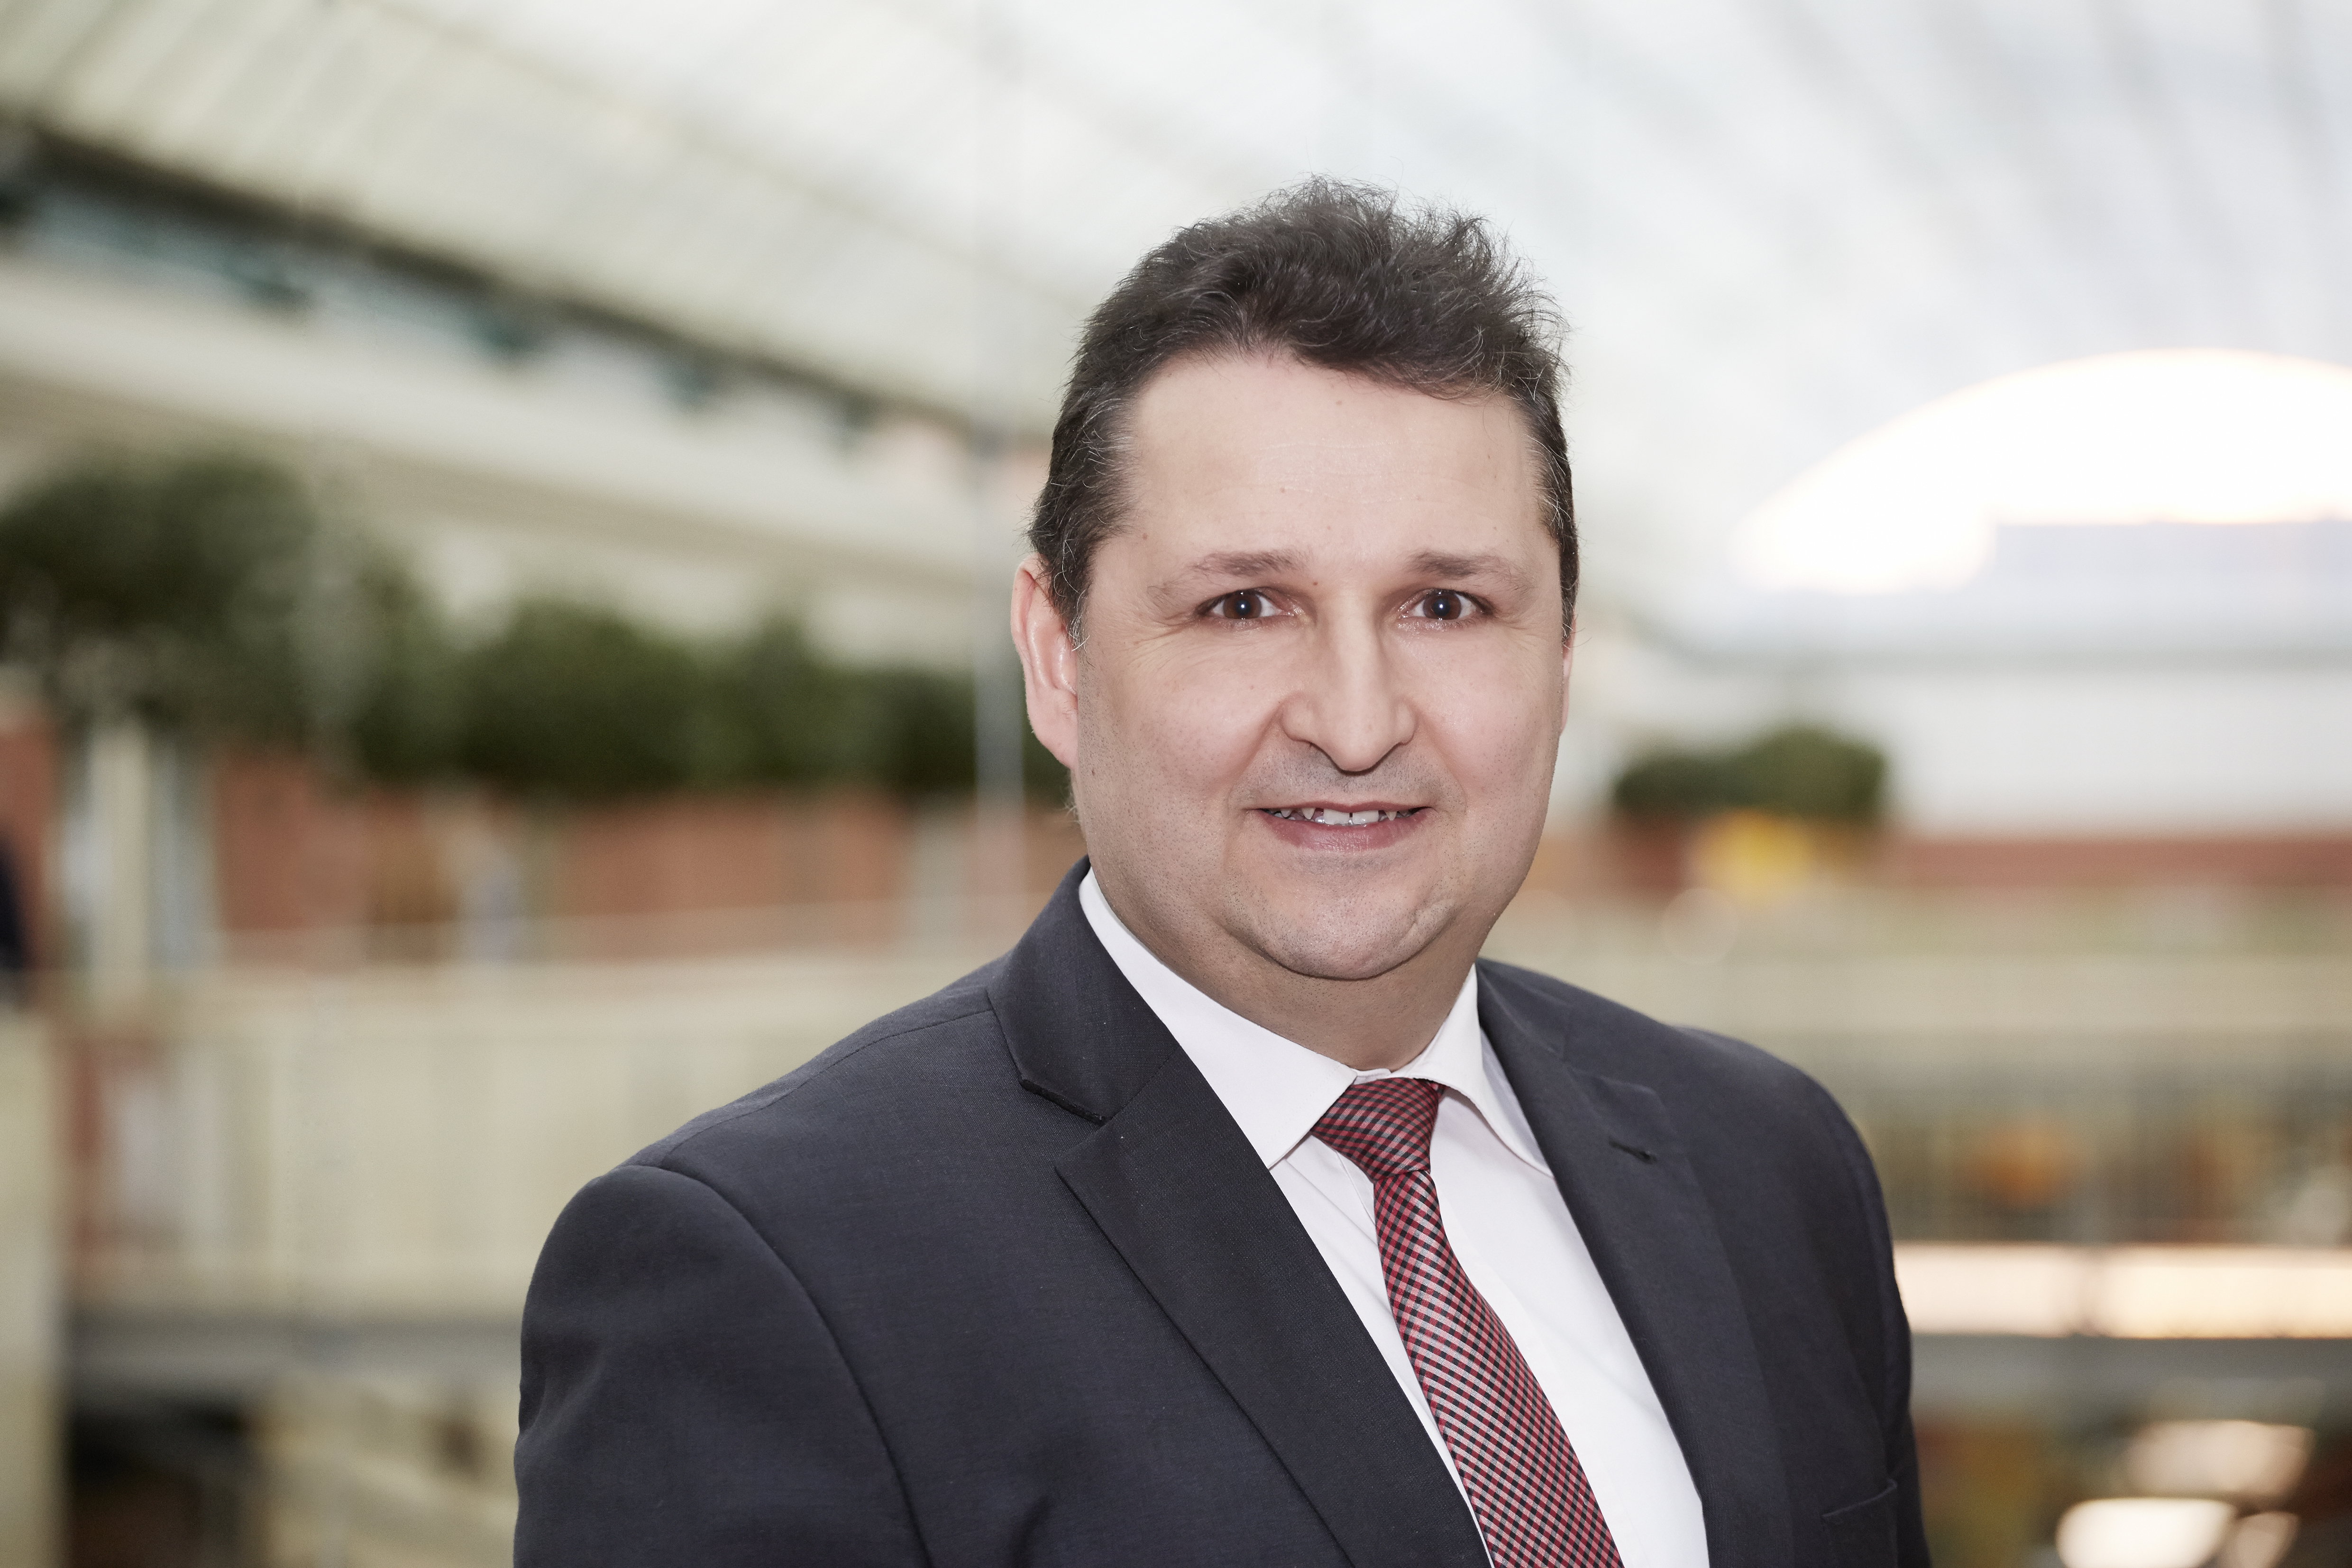 Foto Jörg Schaub Leiter der Geschäftsstelle der Wirtschaftsinitiative Frankfurt Rhein Main